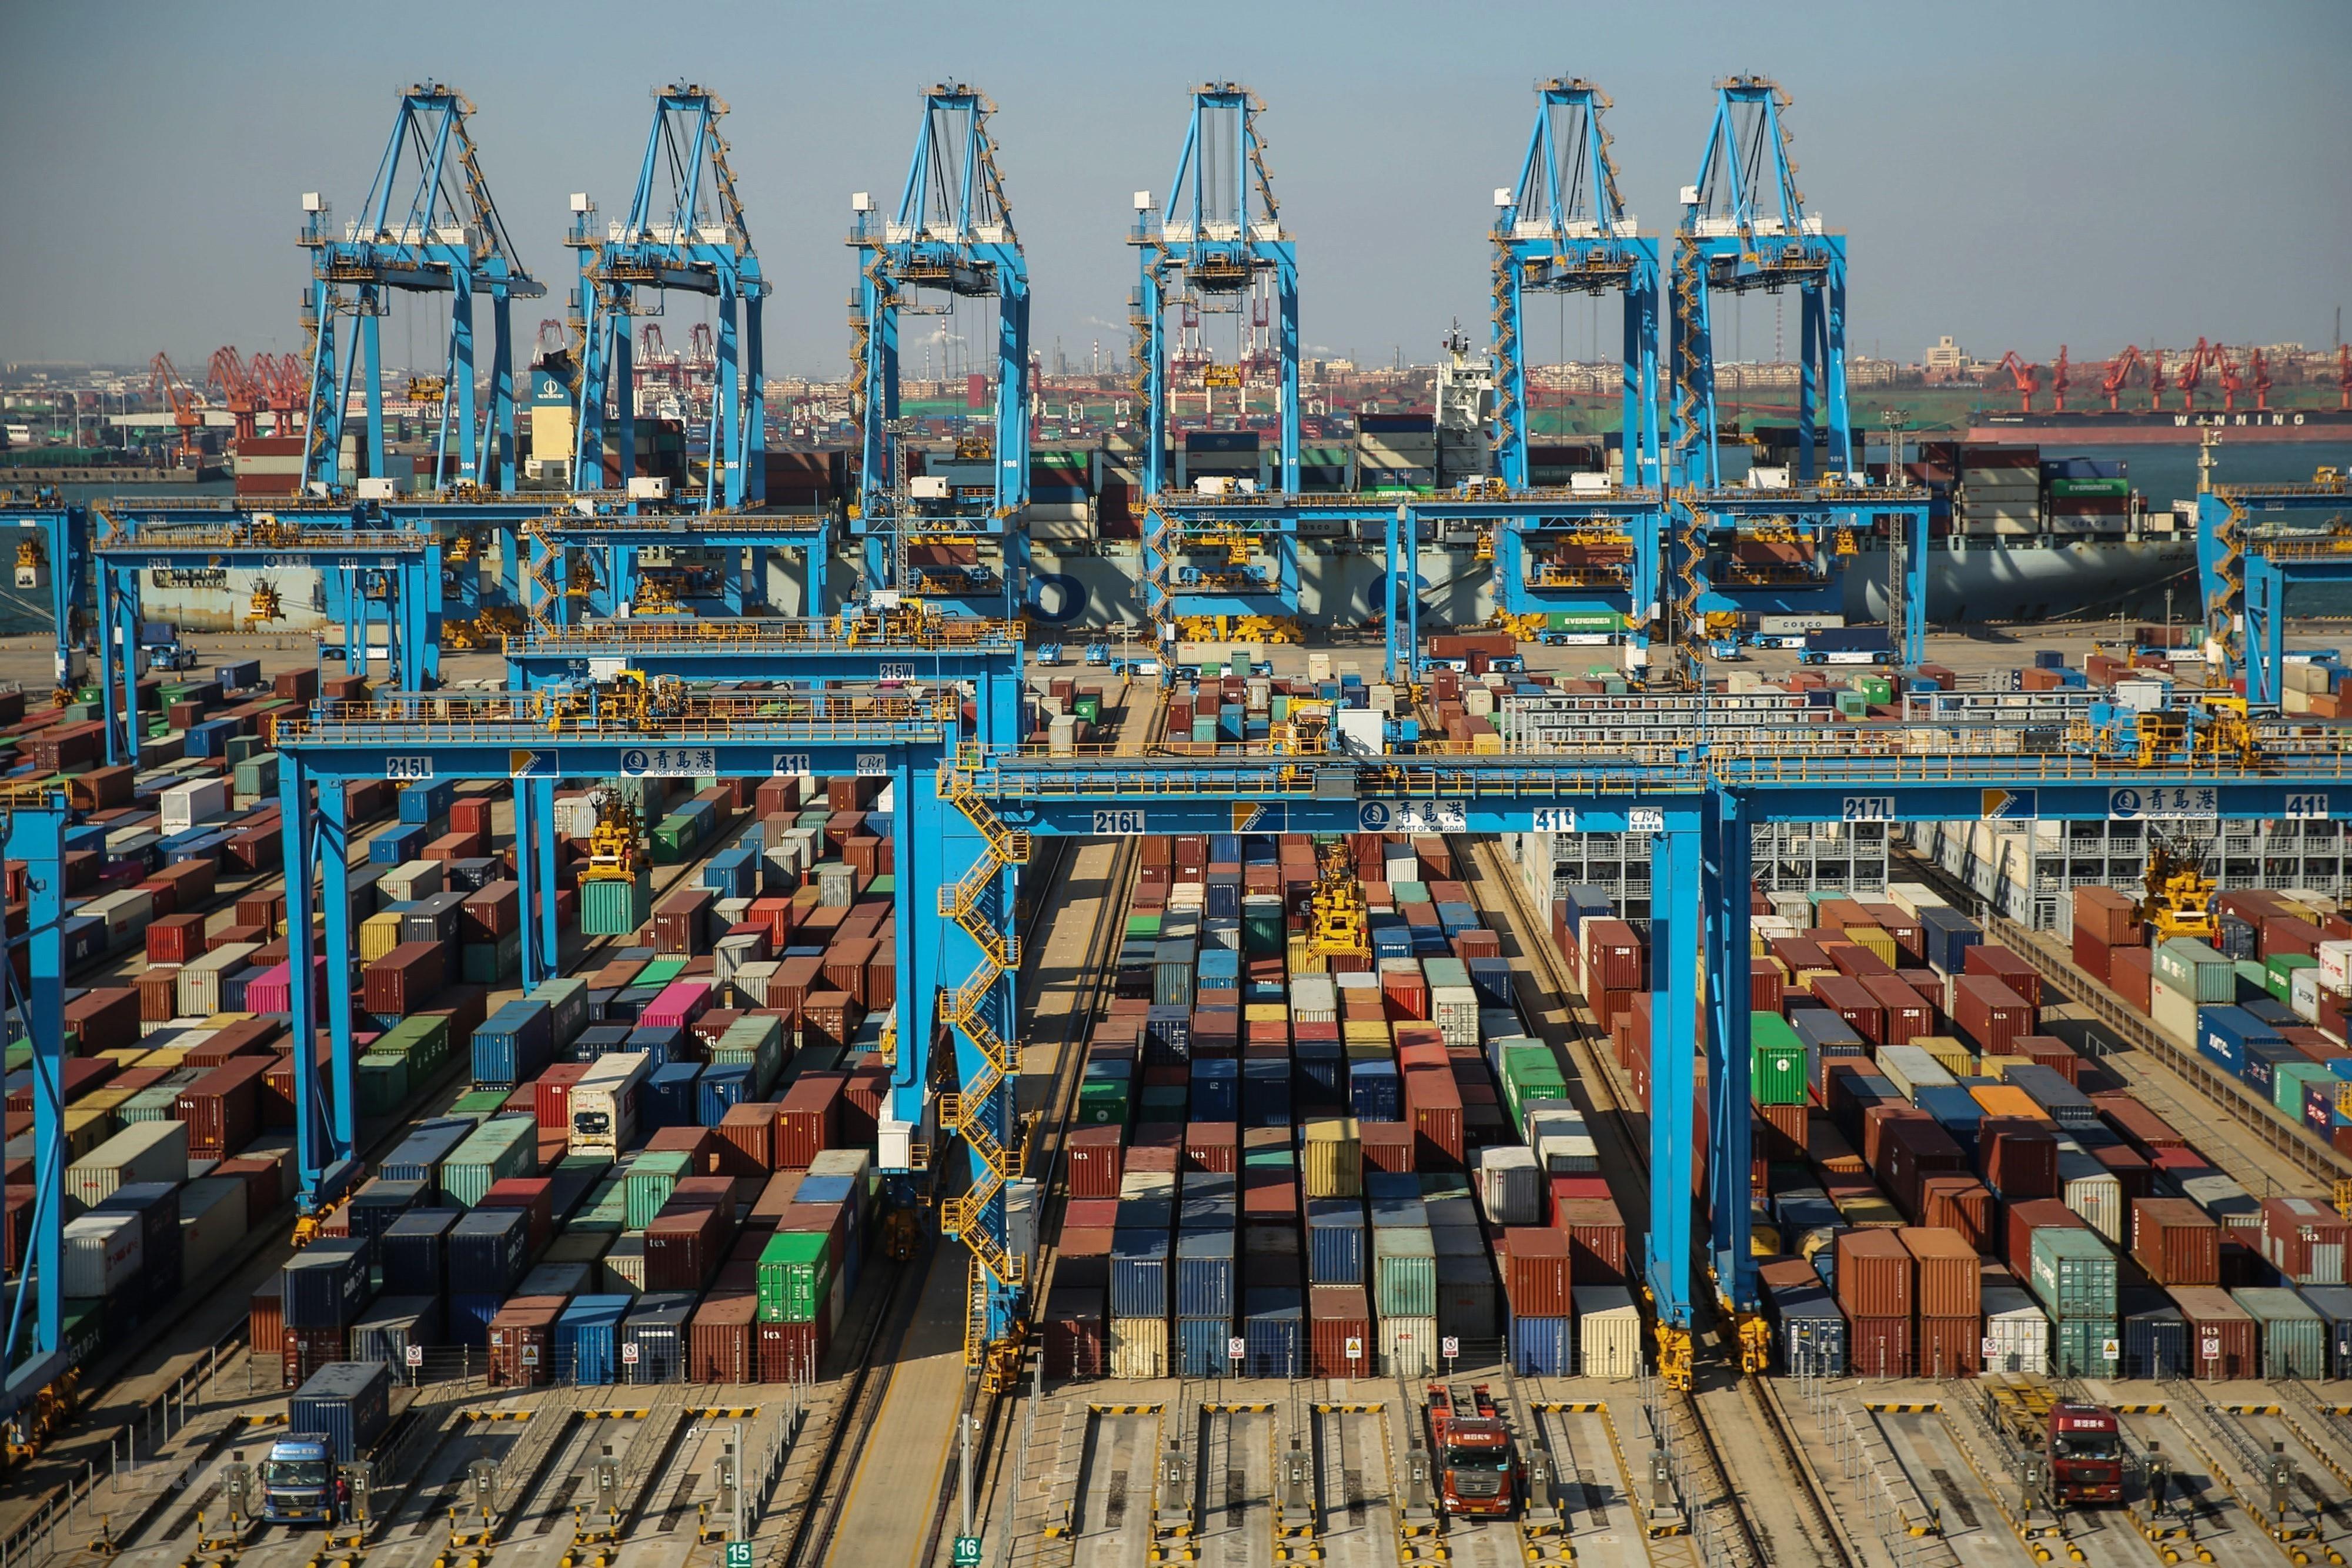 Trung Quốc sẽ miễn thuế cho 65 mặt hàng của Mỹ từ ngày 28/2 ảnh 1